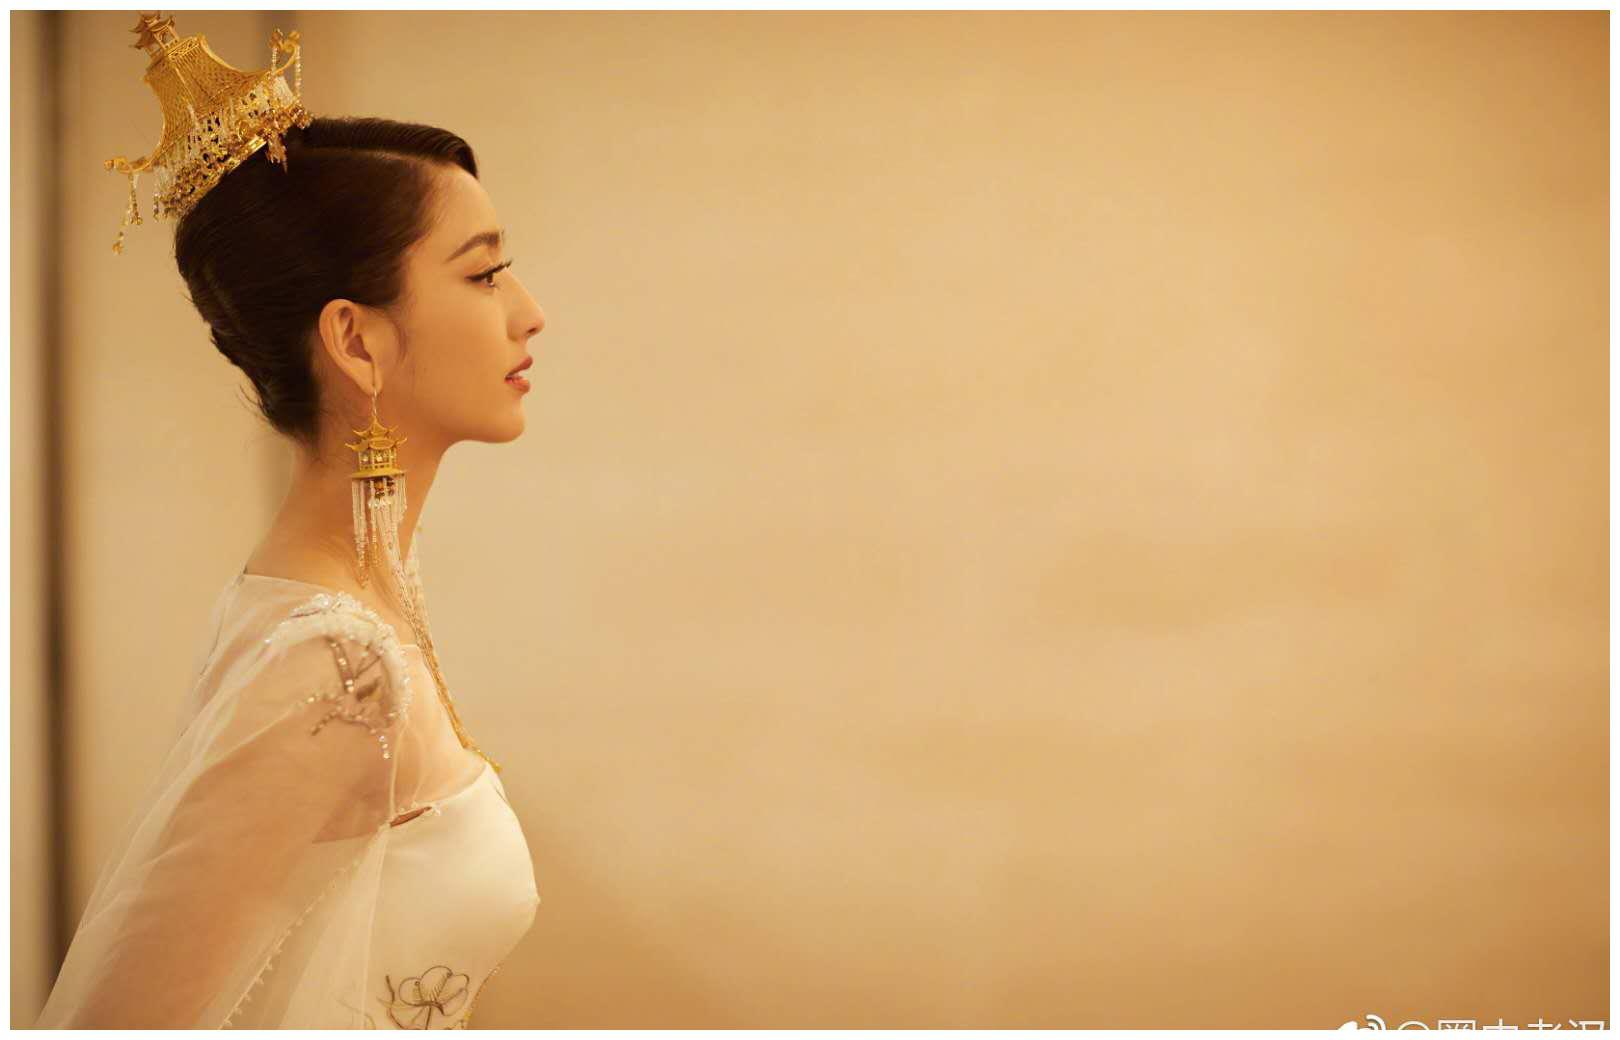 黄渤与各路女神过招,唯有佟丽娅显真招